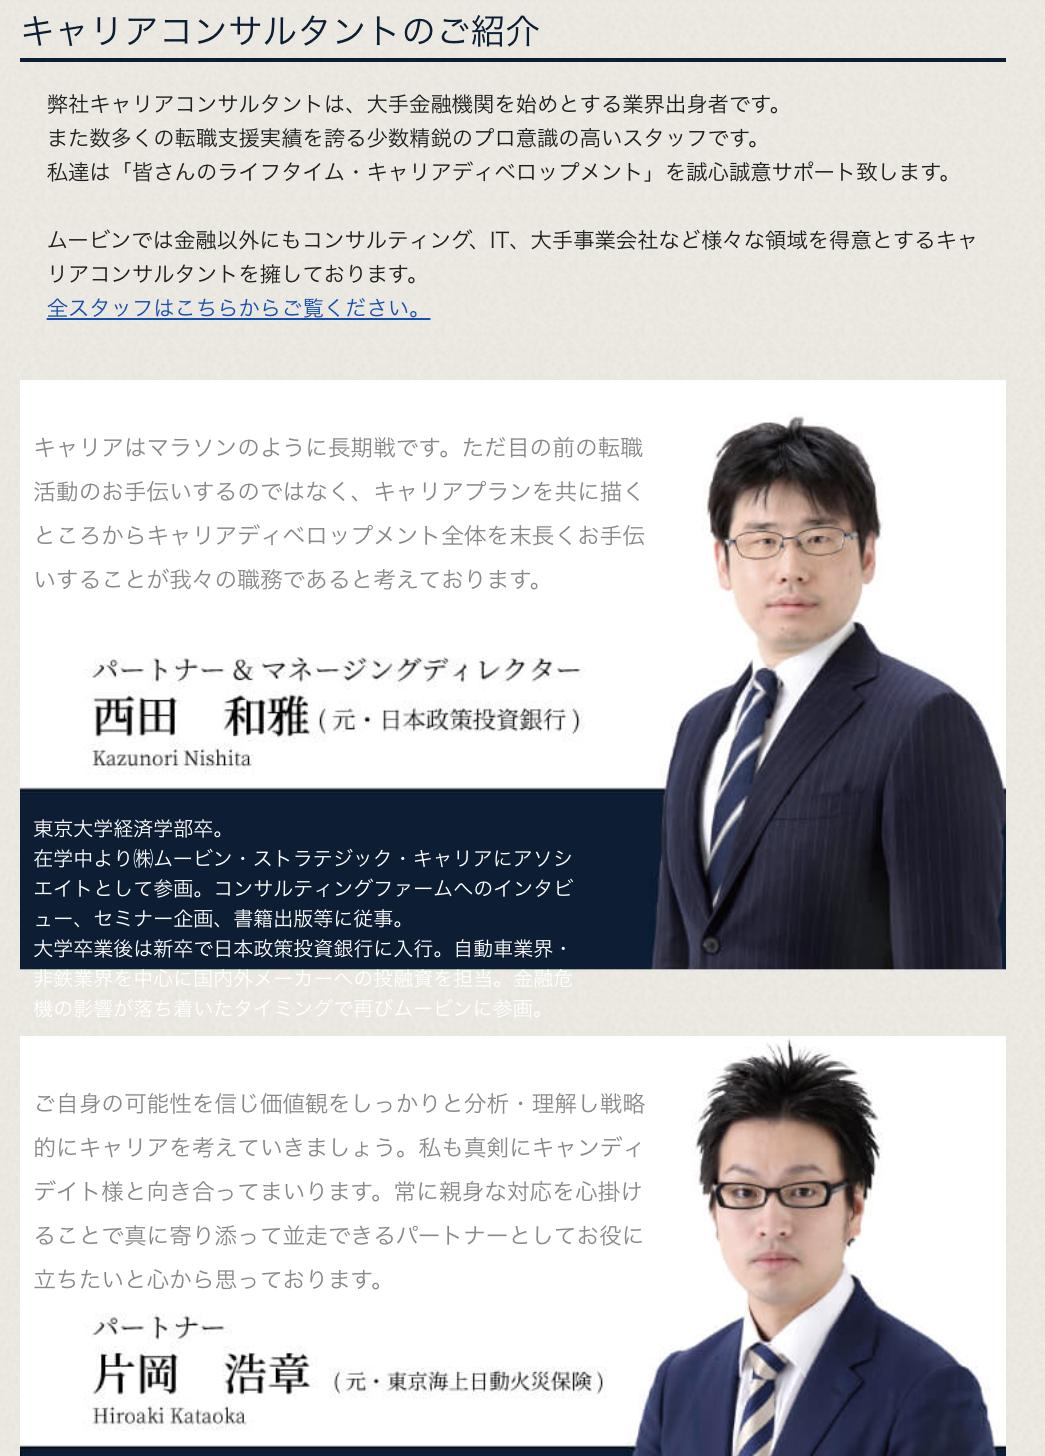 ムービンストラテジックキャリア ファンド・M&A 金融転職のキャリアコンサルタント